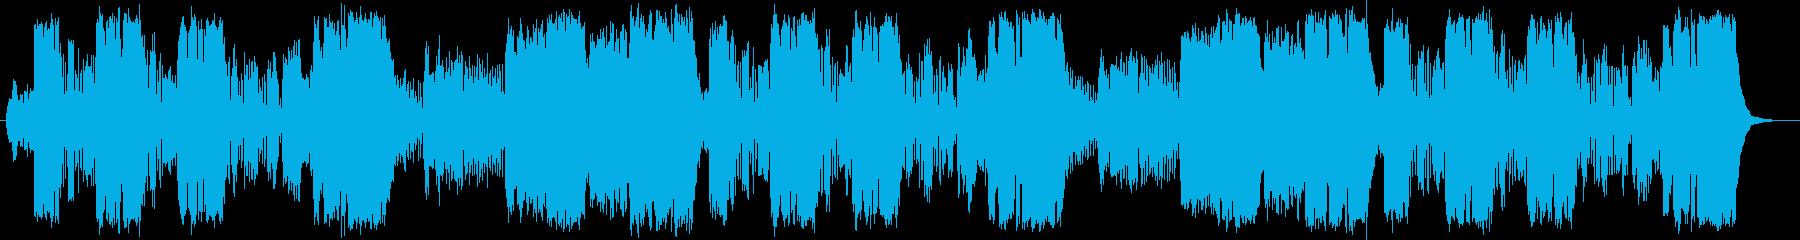 メルヘンな管弦楽器シンセサイザーサウンドの再生済みの波形